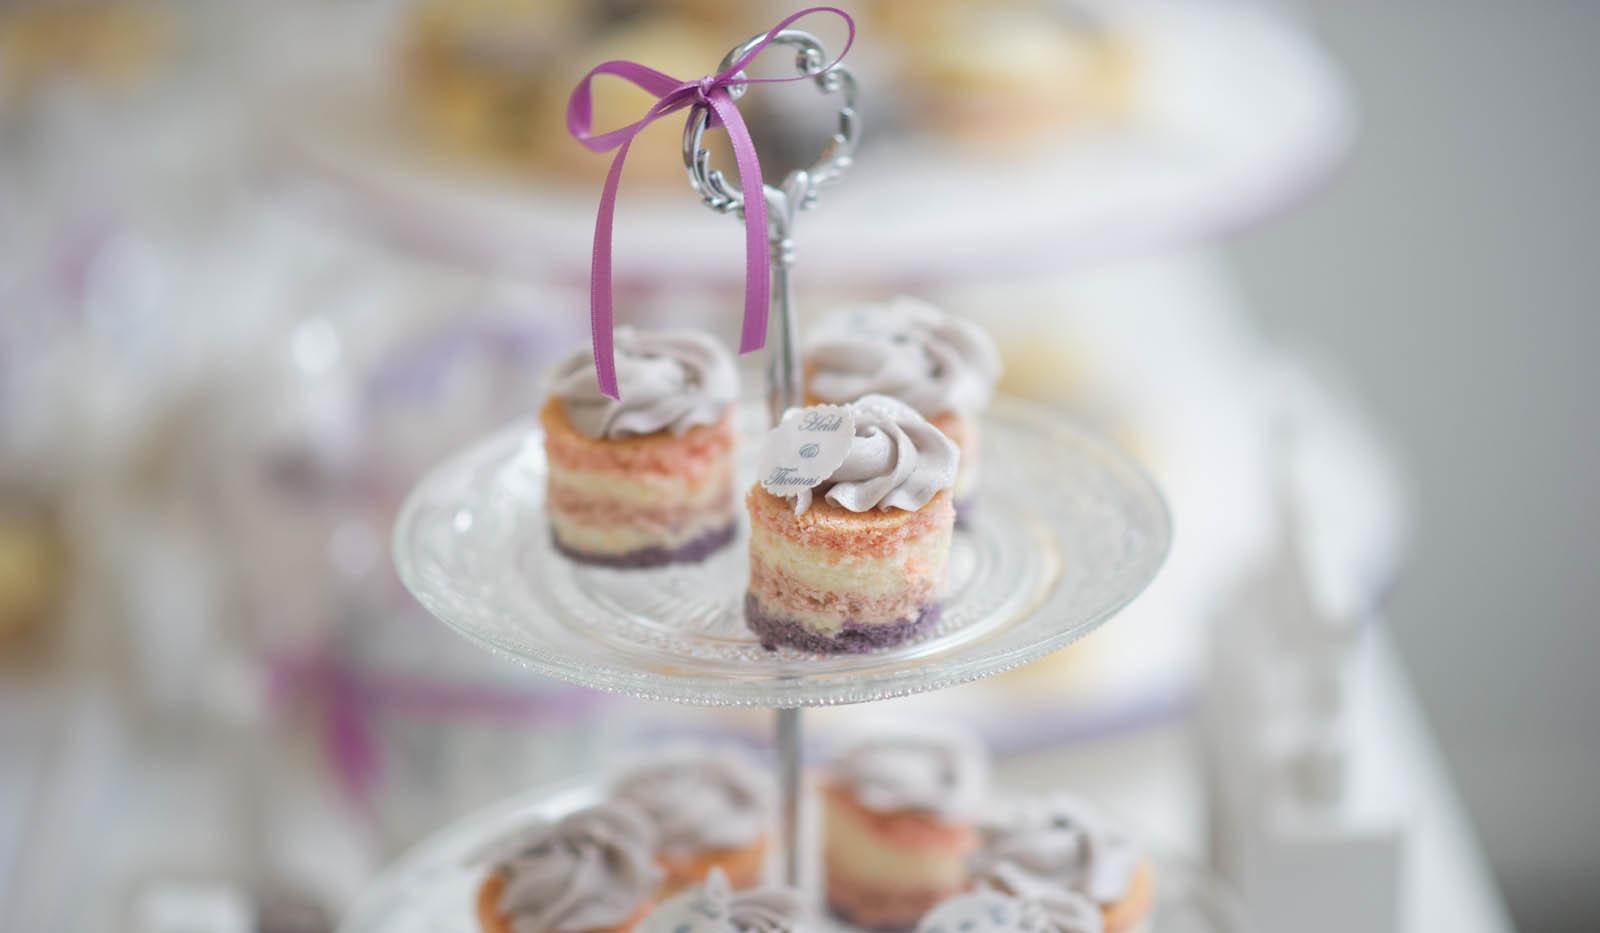 Mini Törtchen Hochzeit pastell WOLKES CUPCAKES